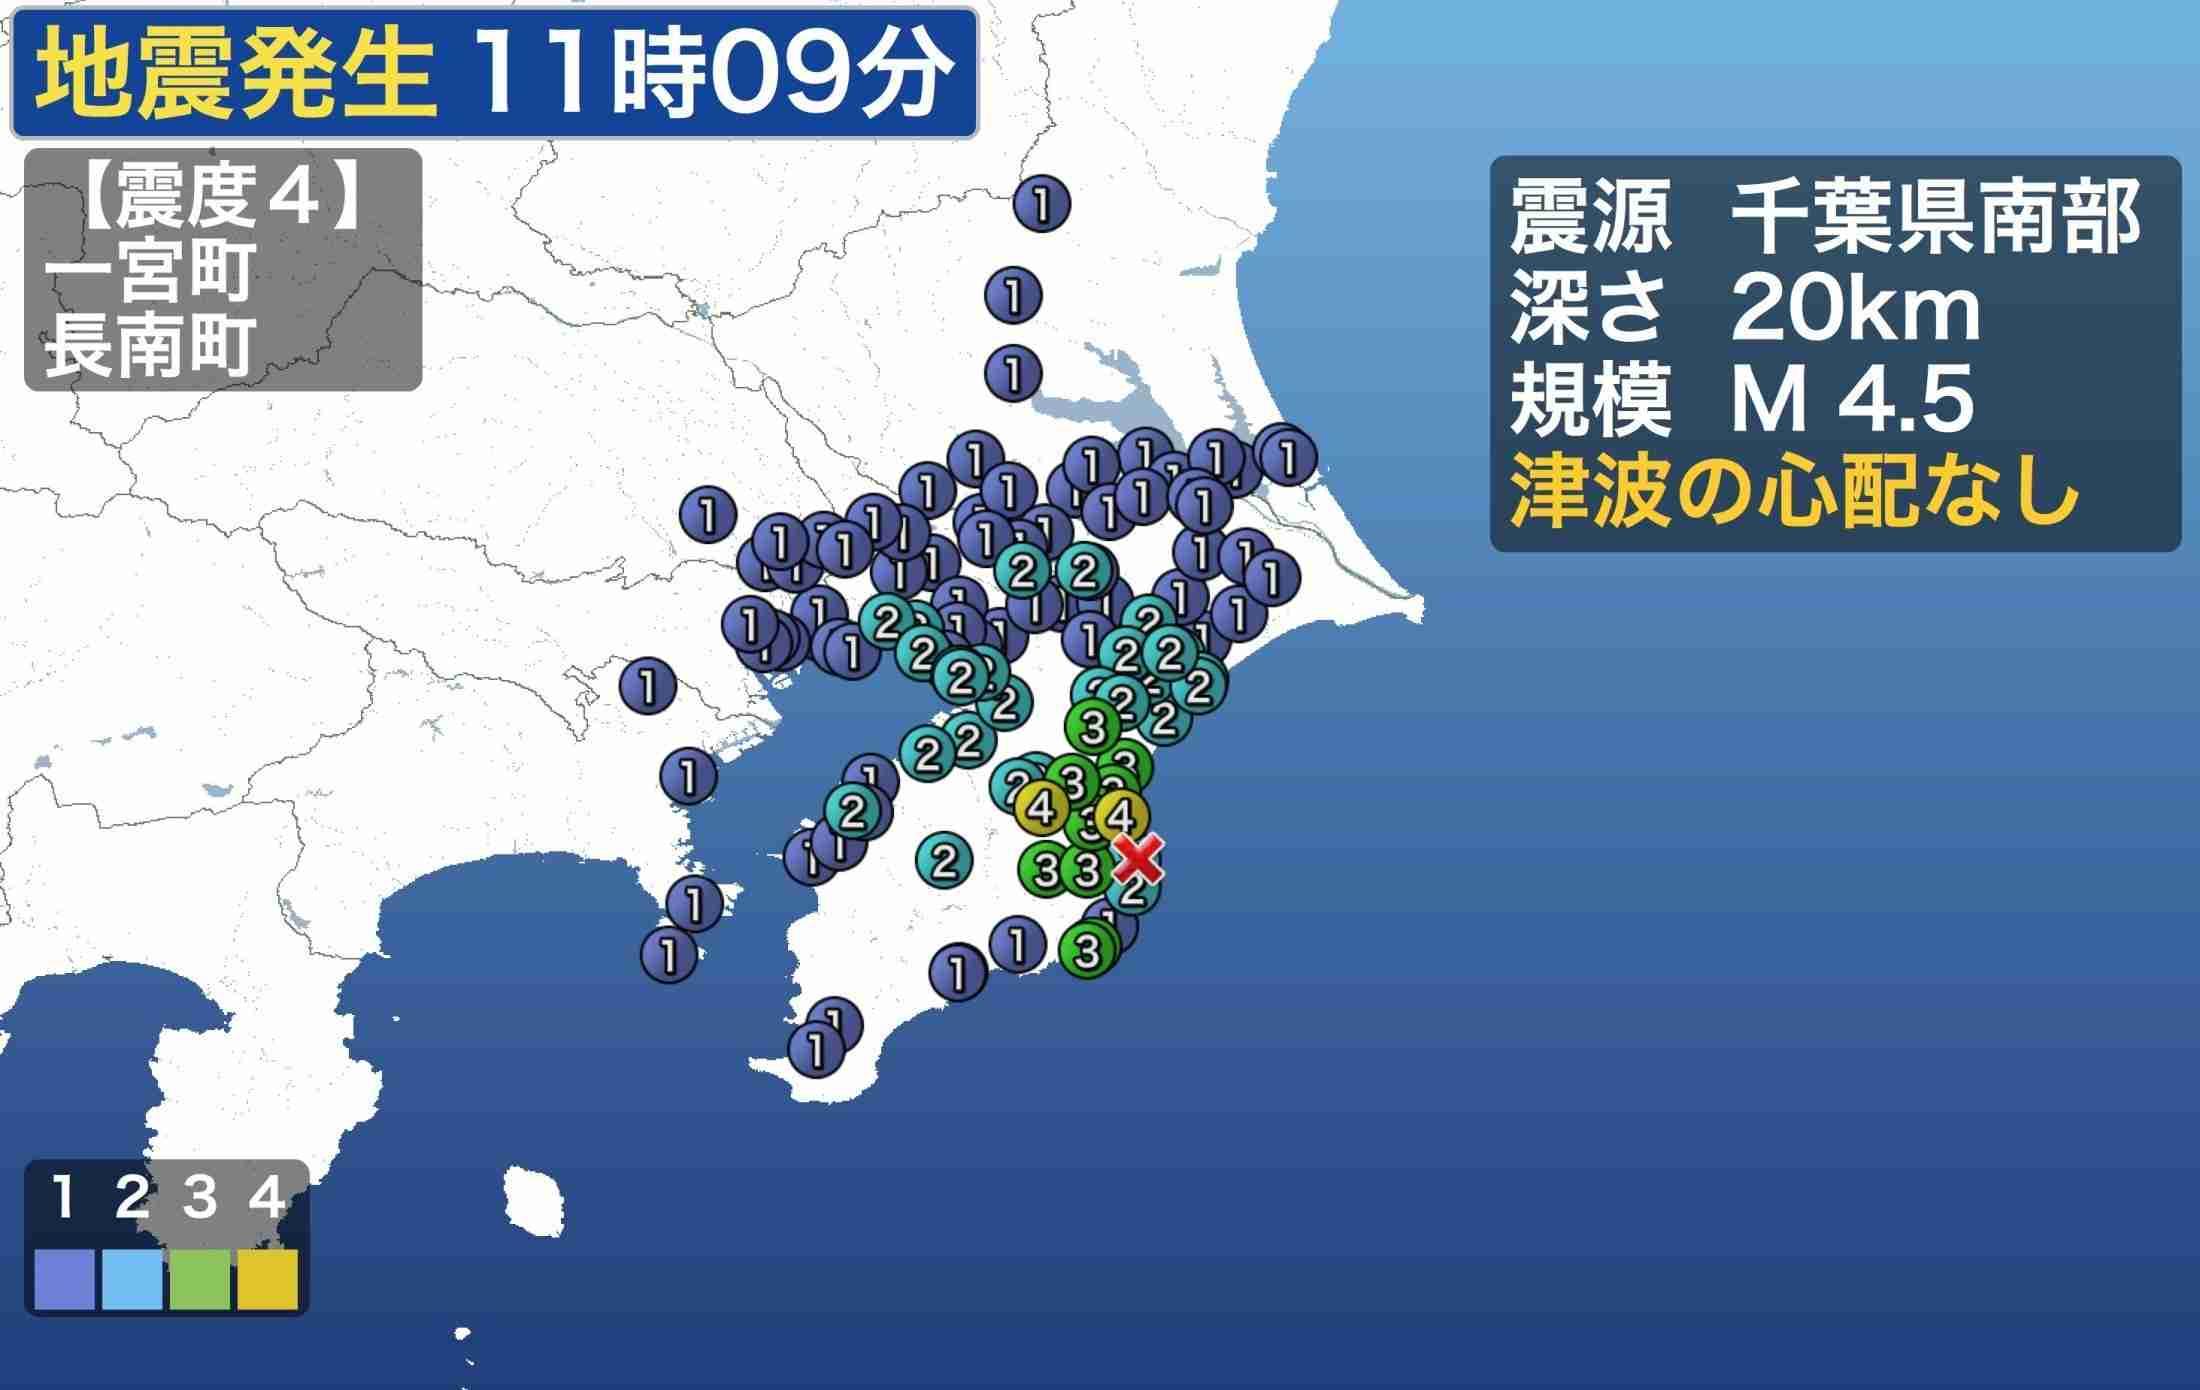 千葉県南部で地震相次ぐ 最大震度4 津波の心配なし(ウェザーニュース) - Yahoo!ニュース